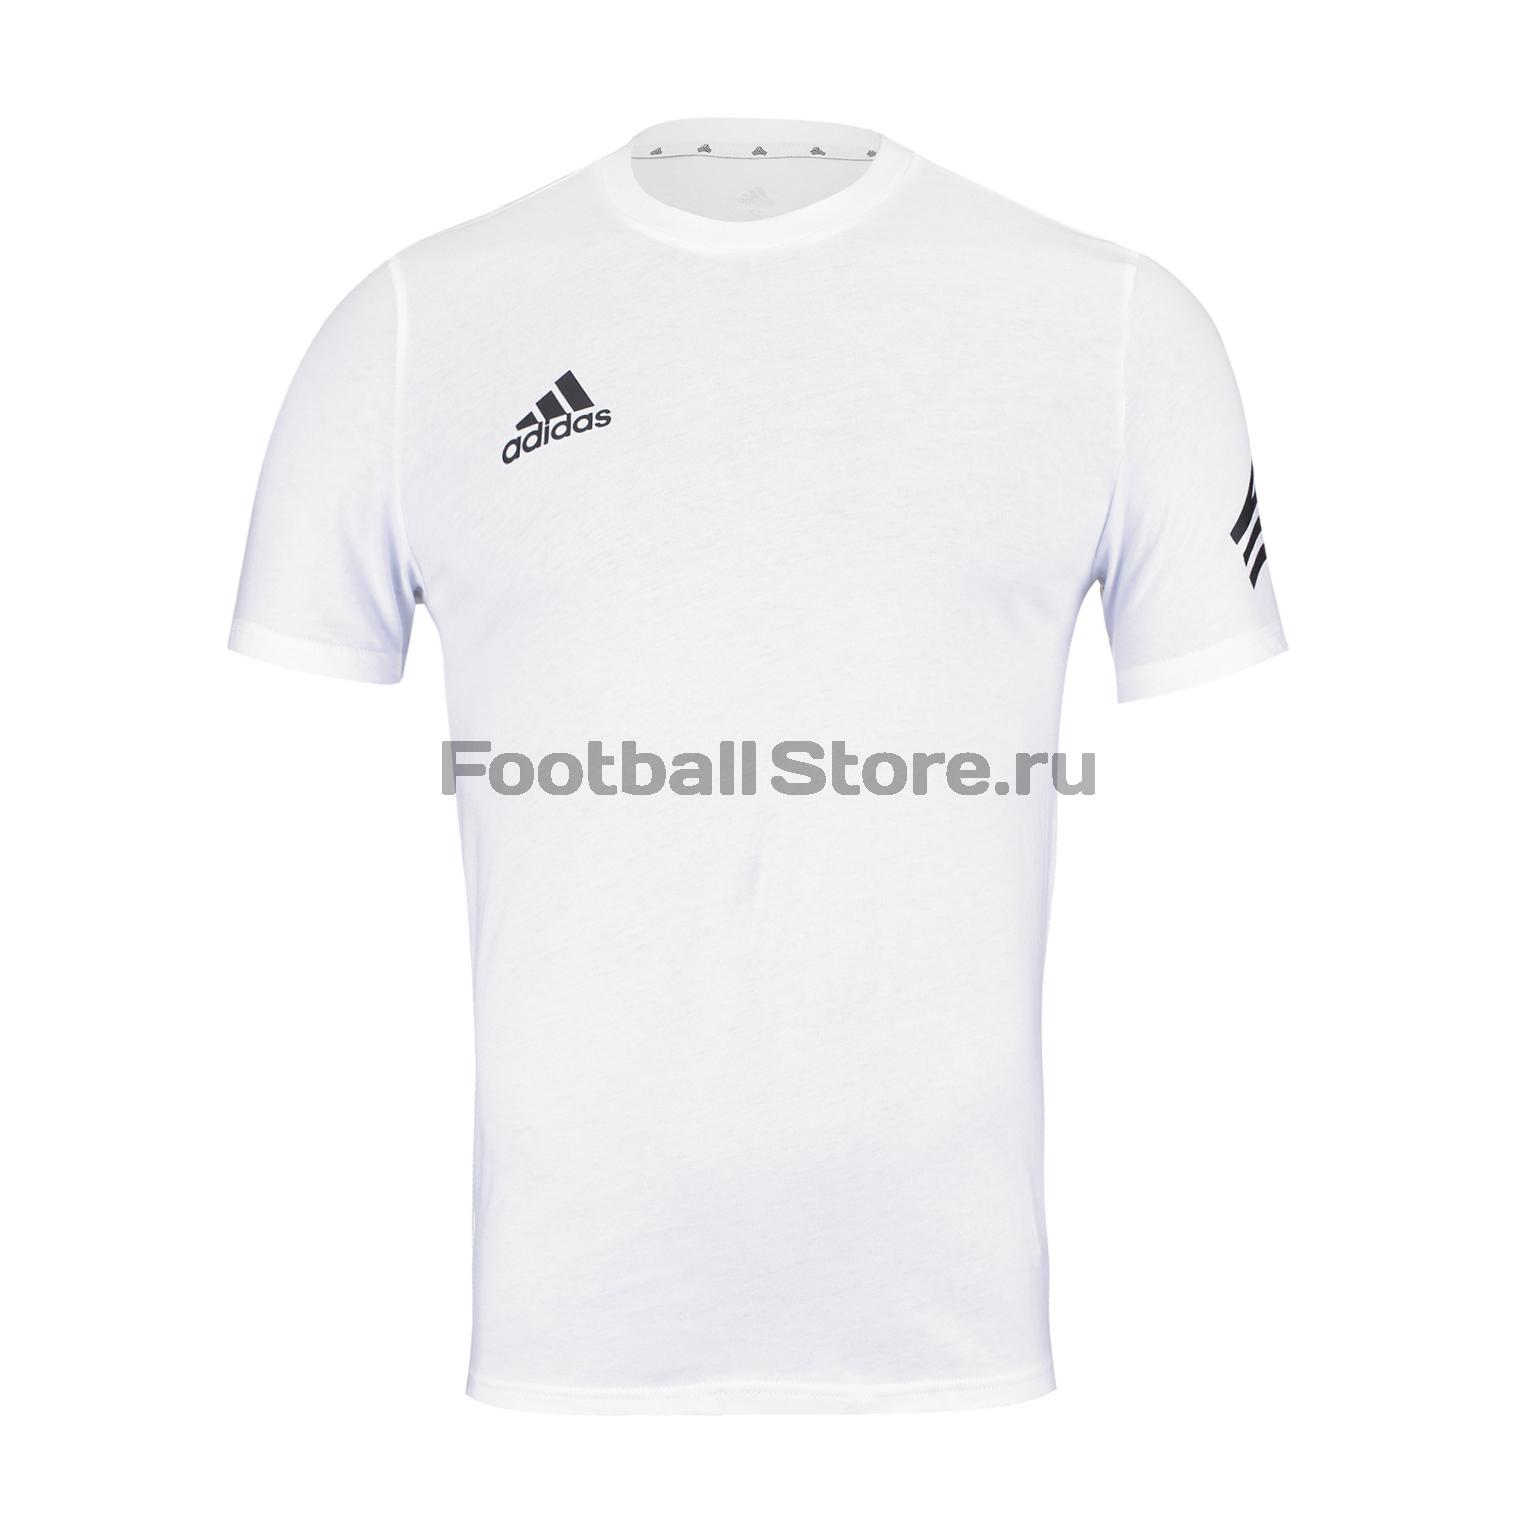 Футболка хлопковая Adidas Tan Logo Tee DY5849 футболка adidas con16 tee an9880